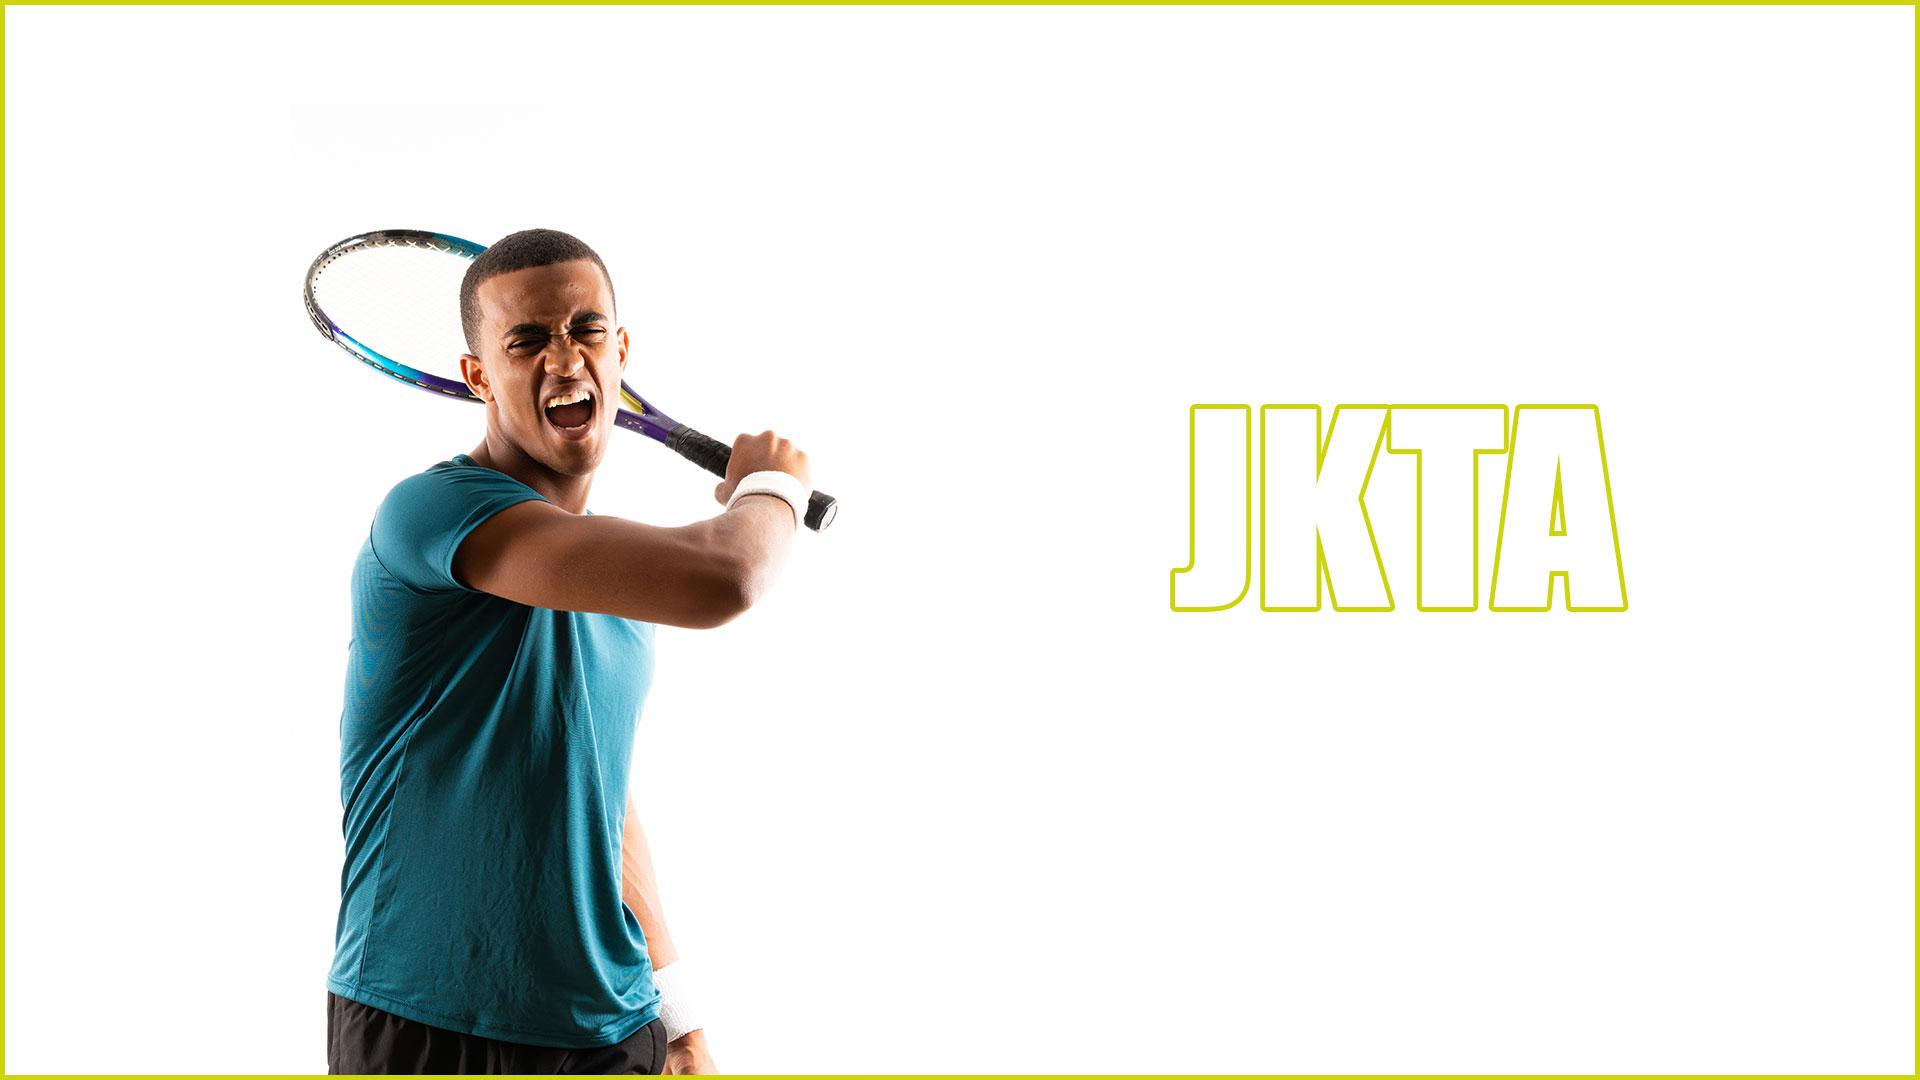 JKTA Player